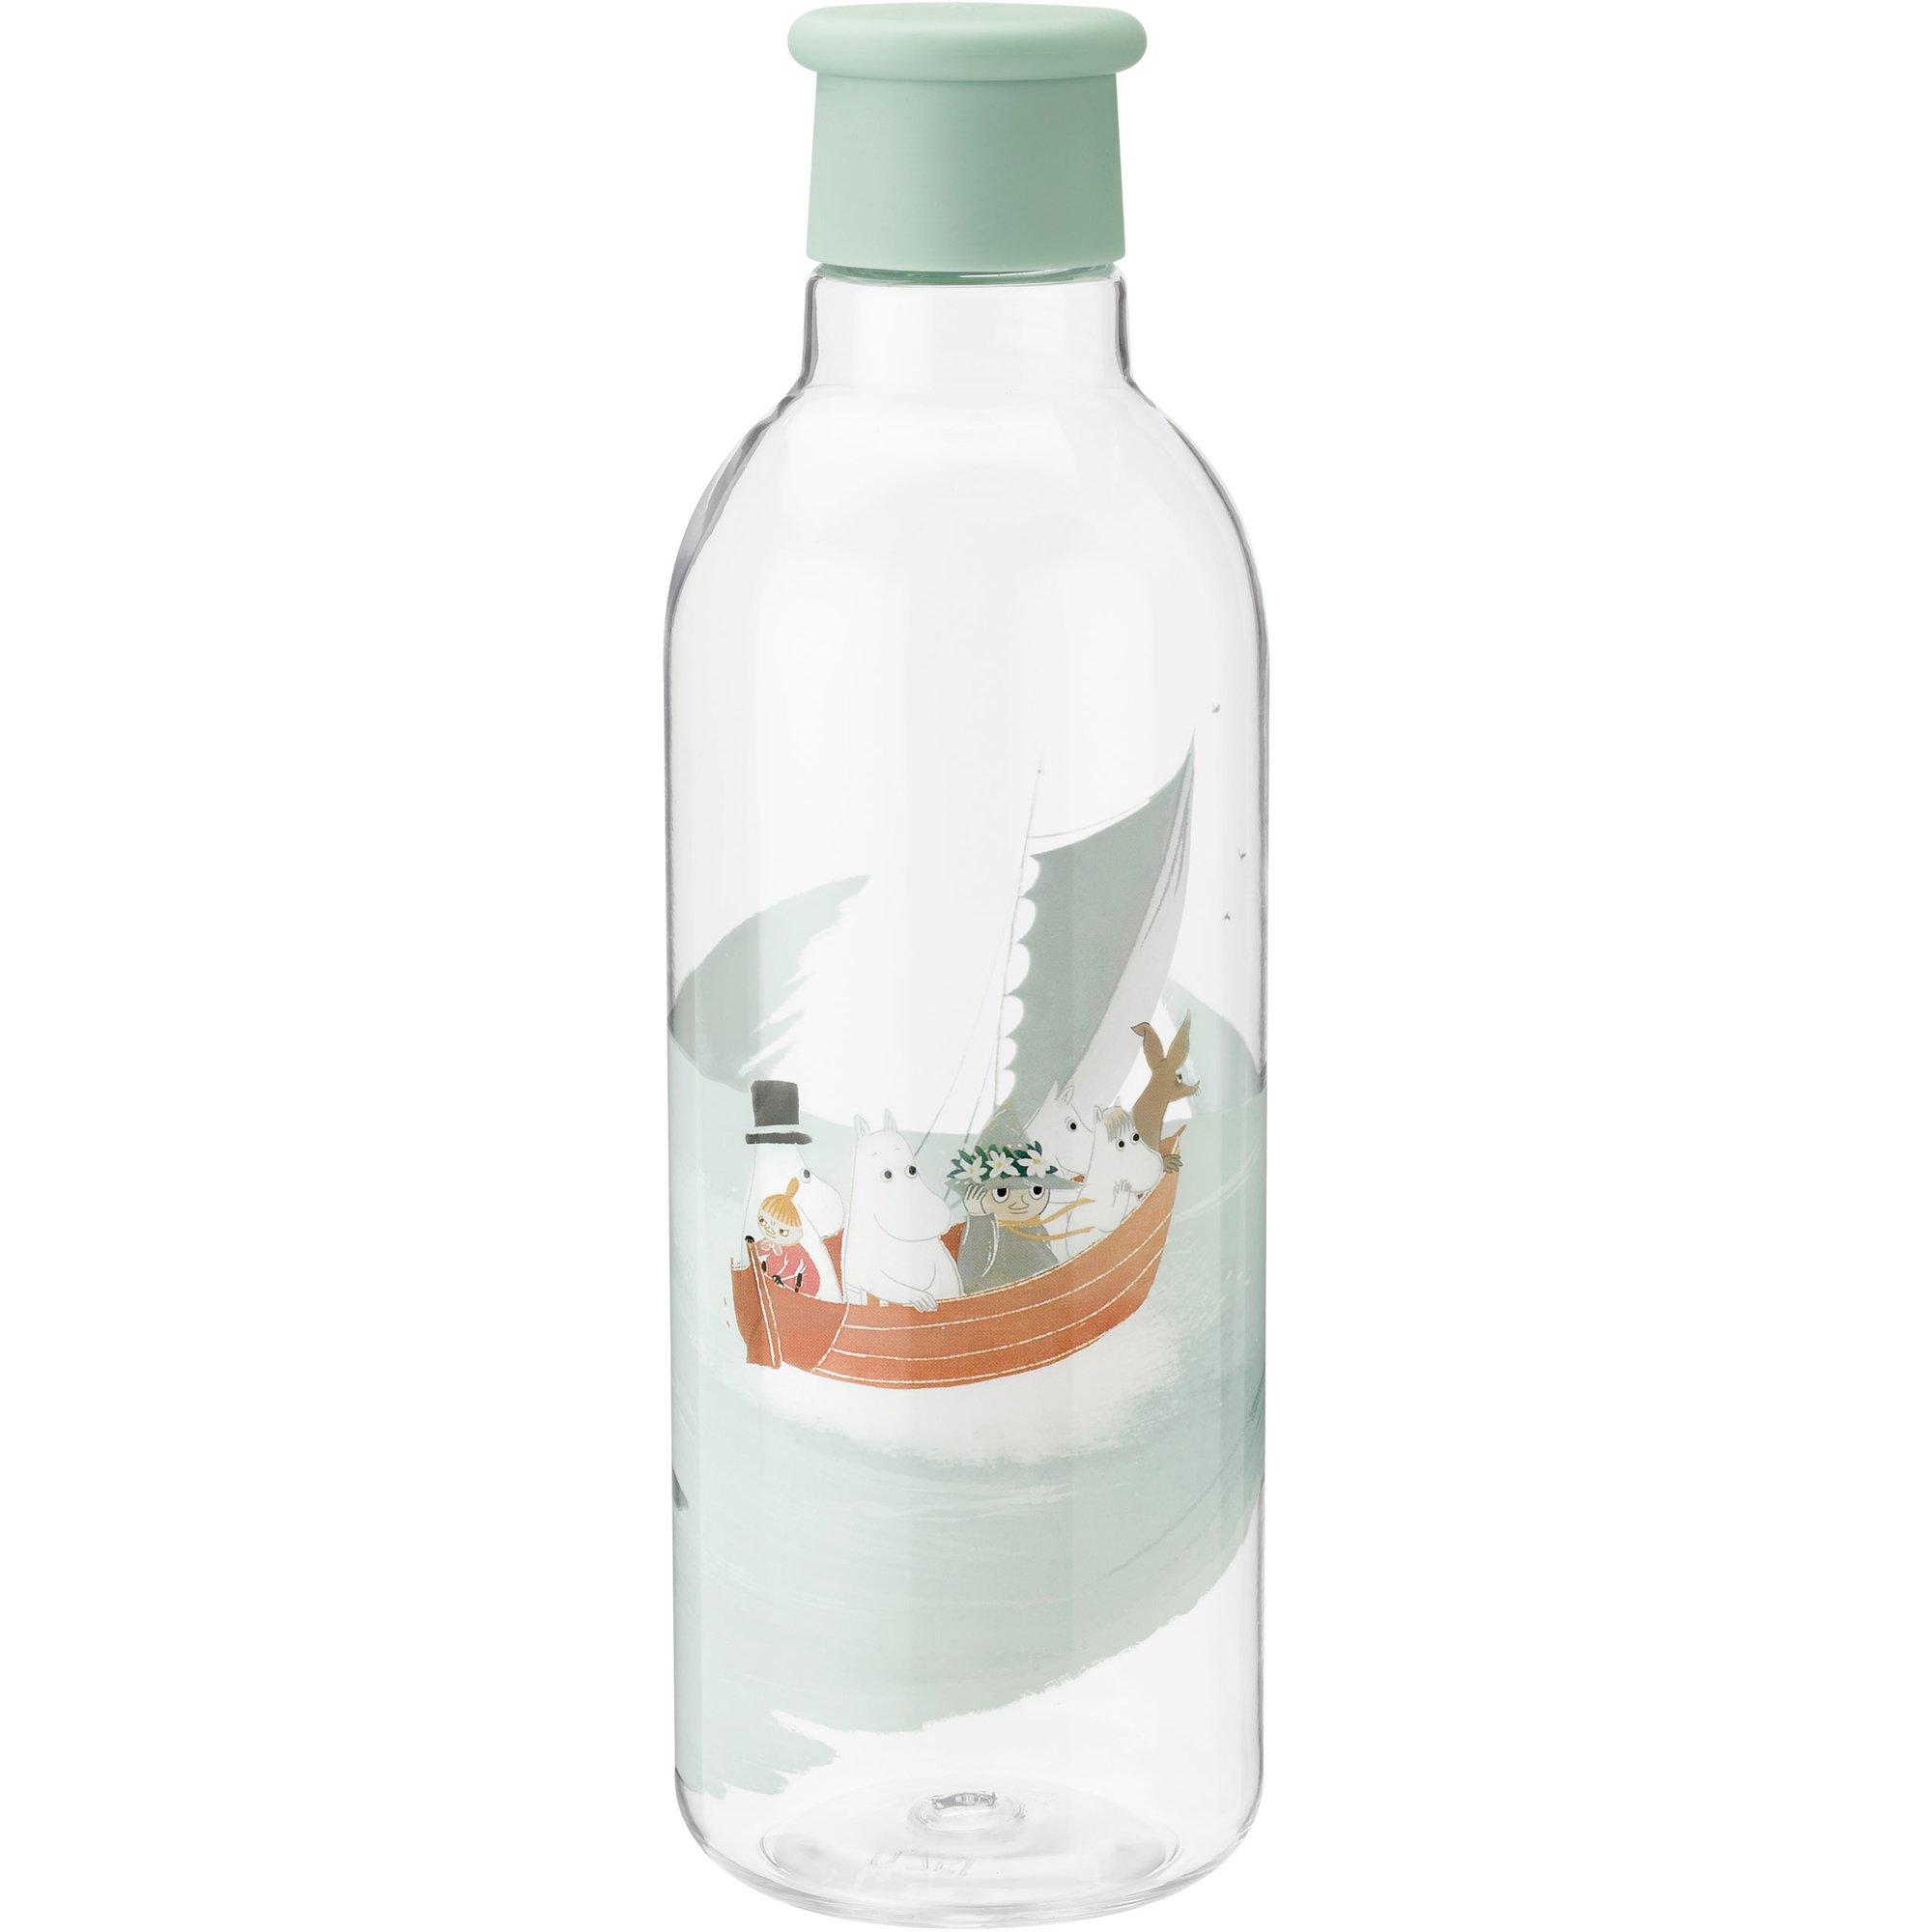 RIG-TIG DRINK-IT Mumintrollen vattenflaska